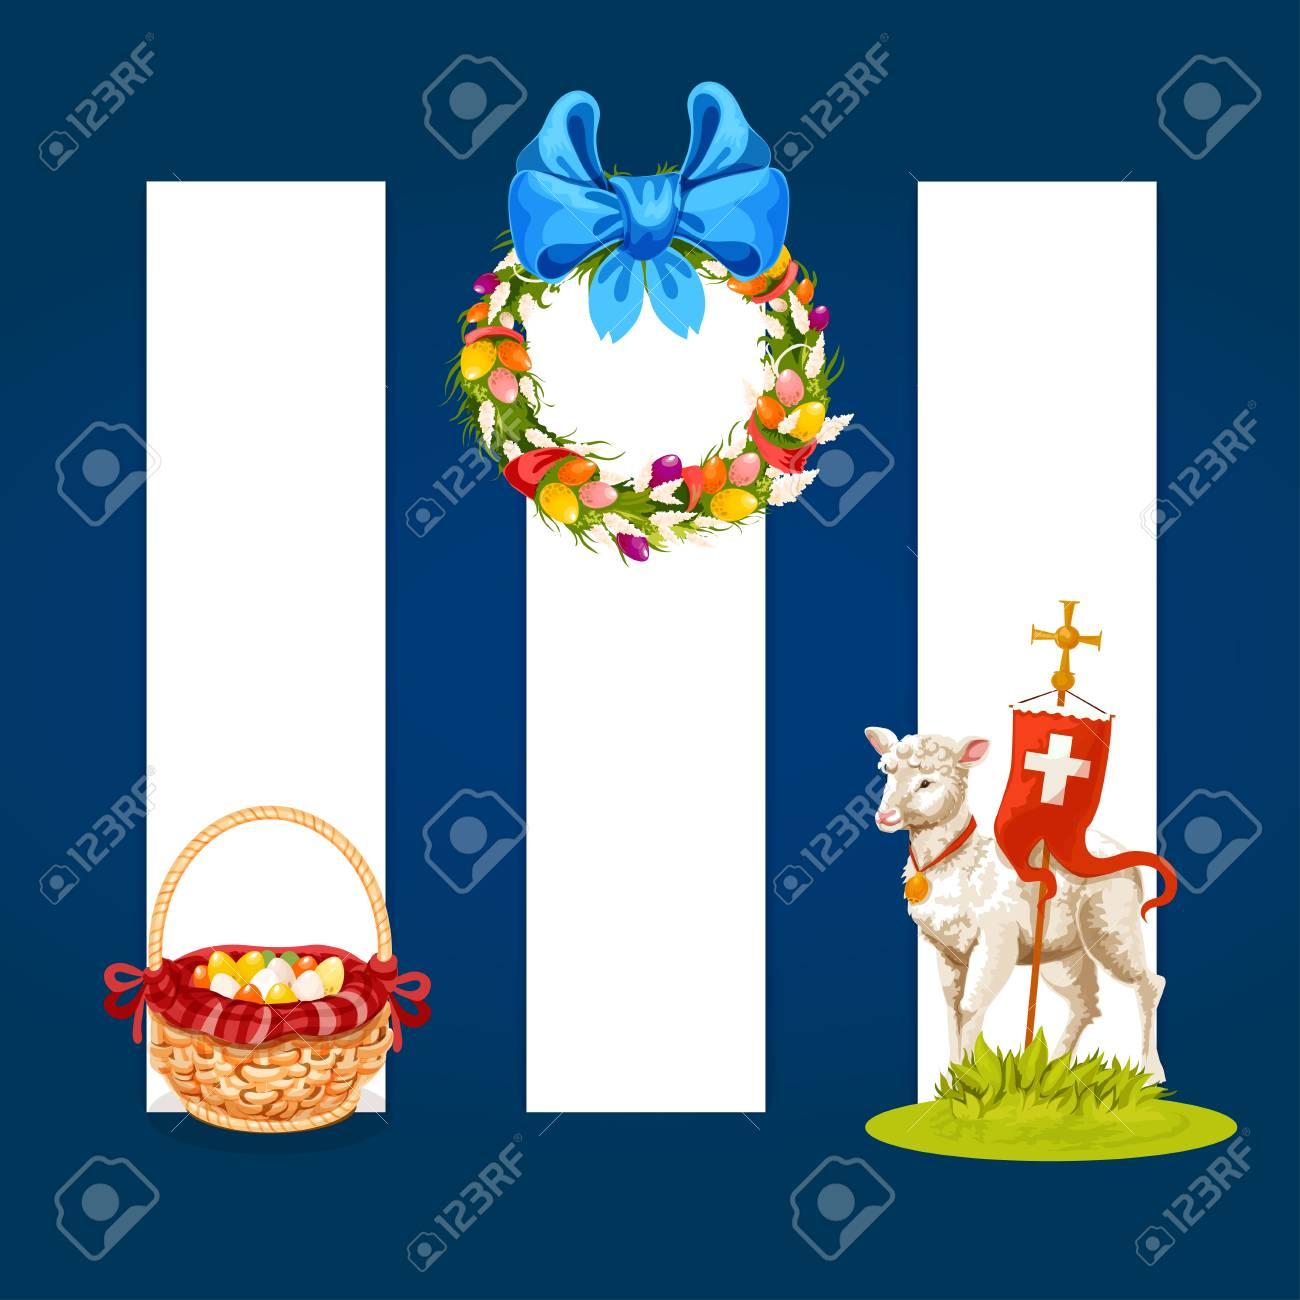 Easter Spring Holiday Cartoon Banner Set Easter Egg Hunt Basket